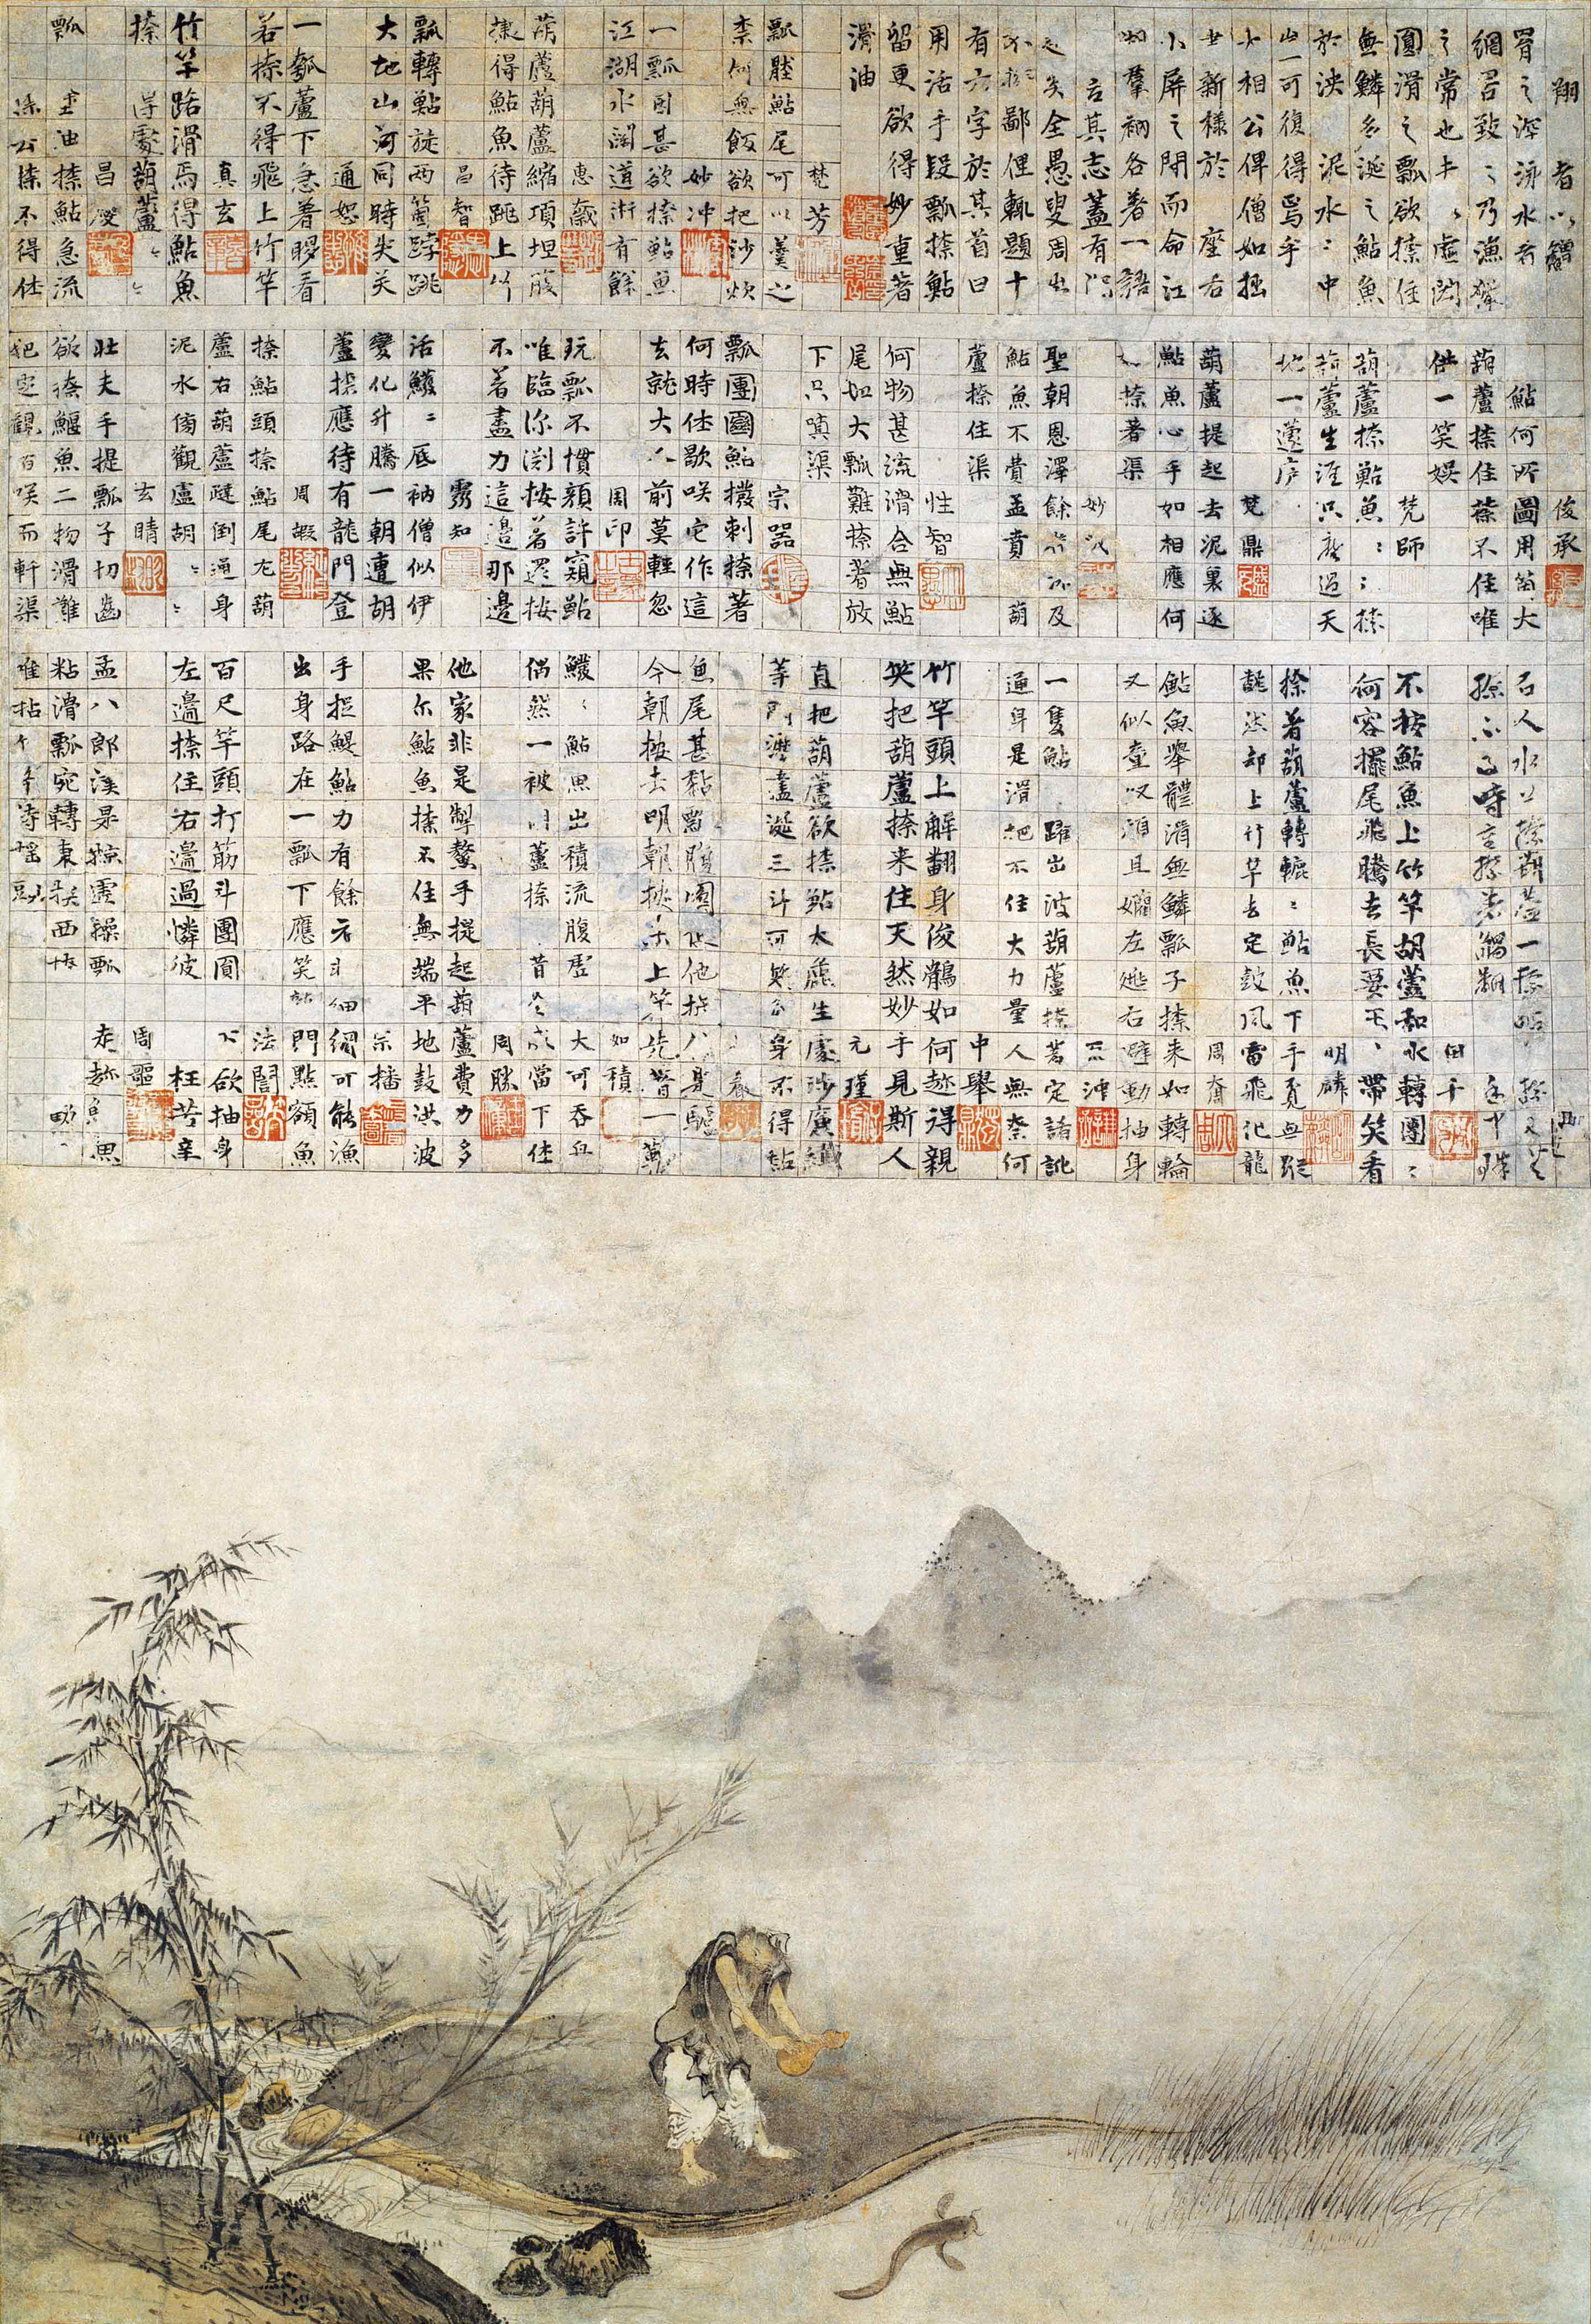 国宝 瓢鮎図 大岳周崇等三十一僧賛 大巧如拙筆 室町時代 15世紀 京都・退蔵院蔵 11/8~11/27展示 室町幕府第4代将軍、足利義持が「丸くすべすべした瓢箪(ひょうたん)で、ぬるぬるした鮎(なまず)をおさえ捕ることができるか」という課題を描かせたもの。禅文化が武家社会にも浸透していたことがわかる。